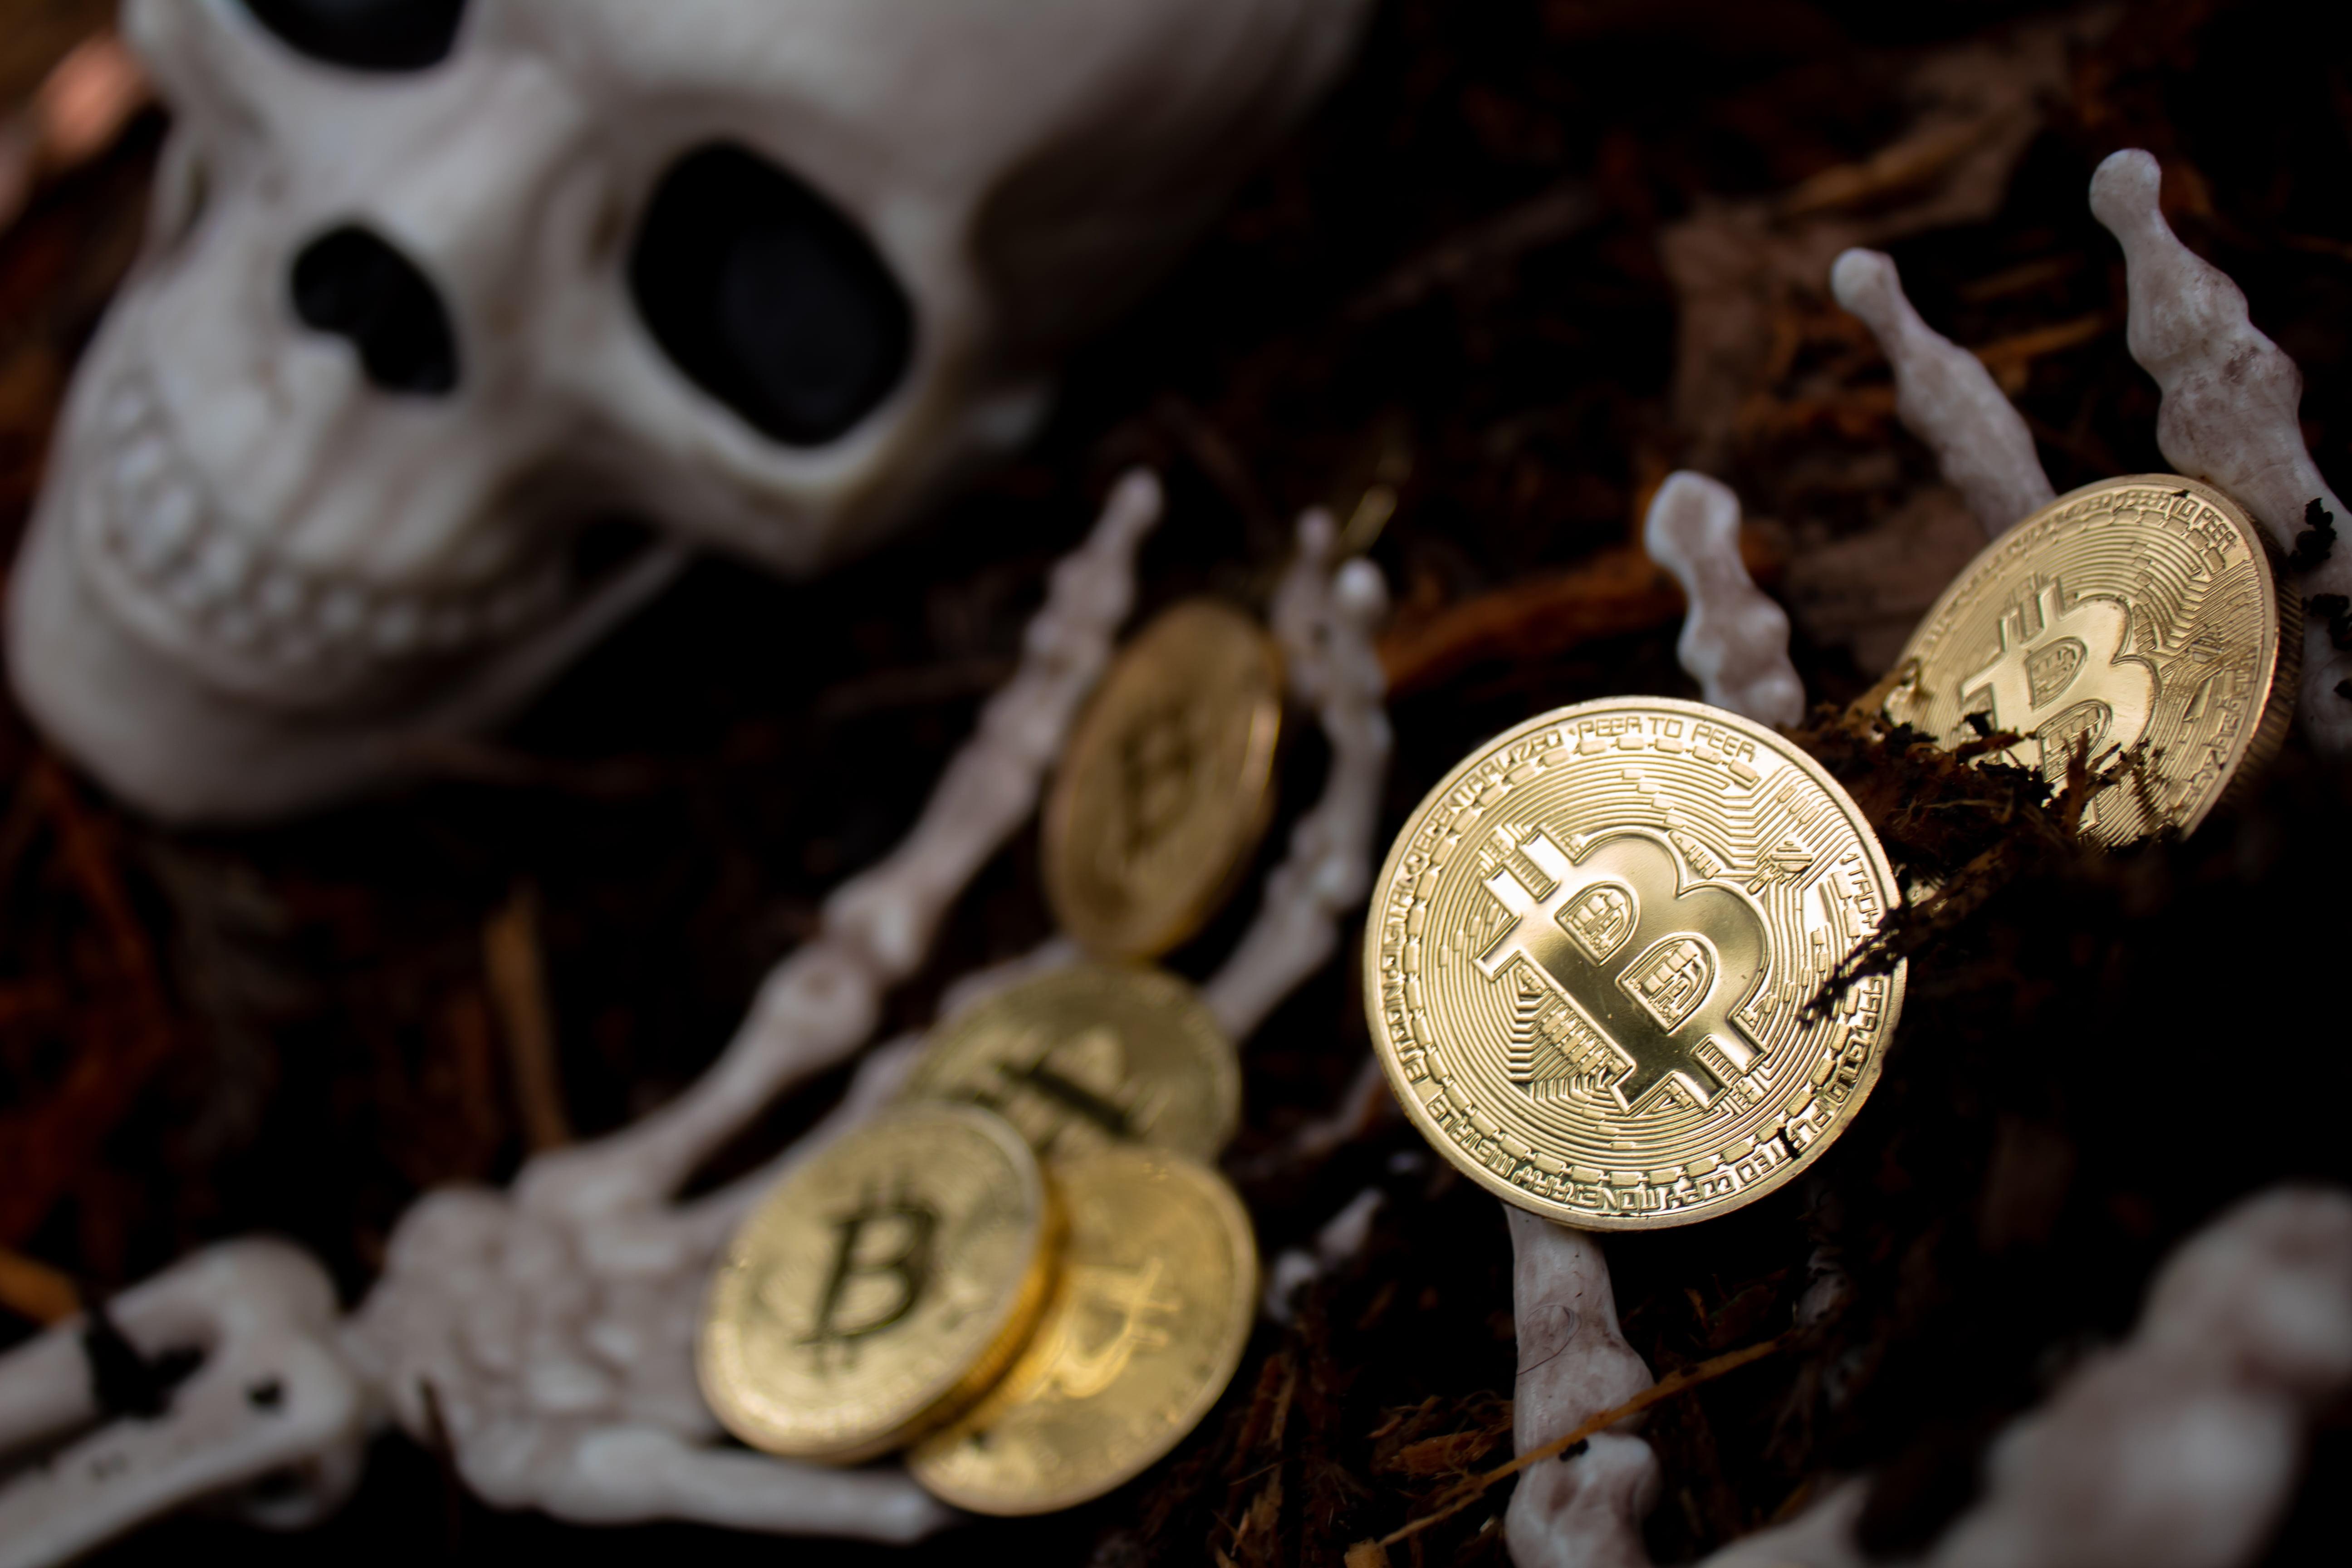 Satoshi Nakamoto May Have Considered a Bitcoin Kill Switch